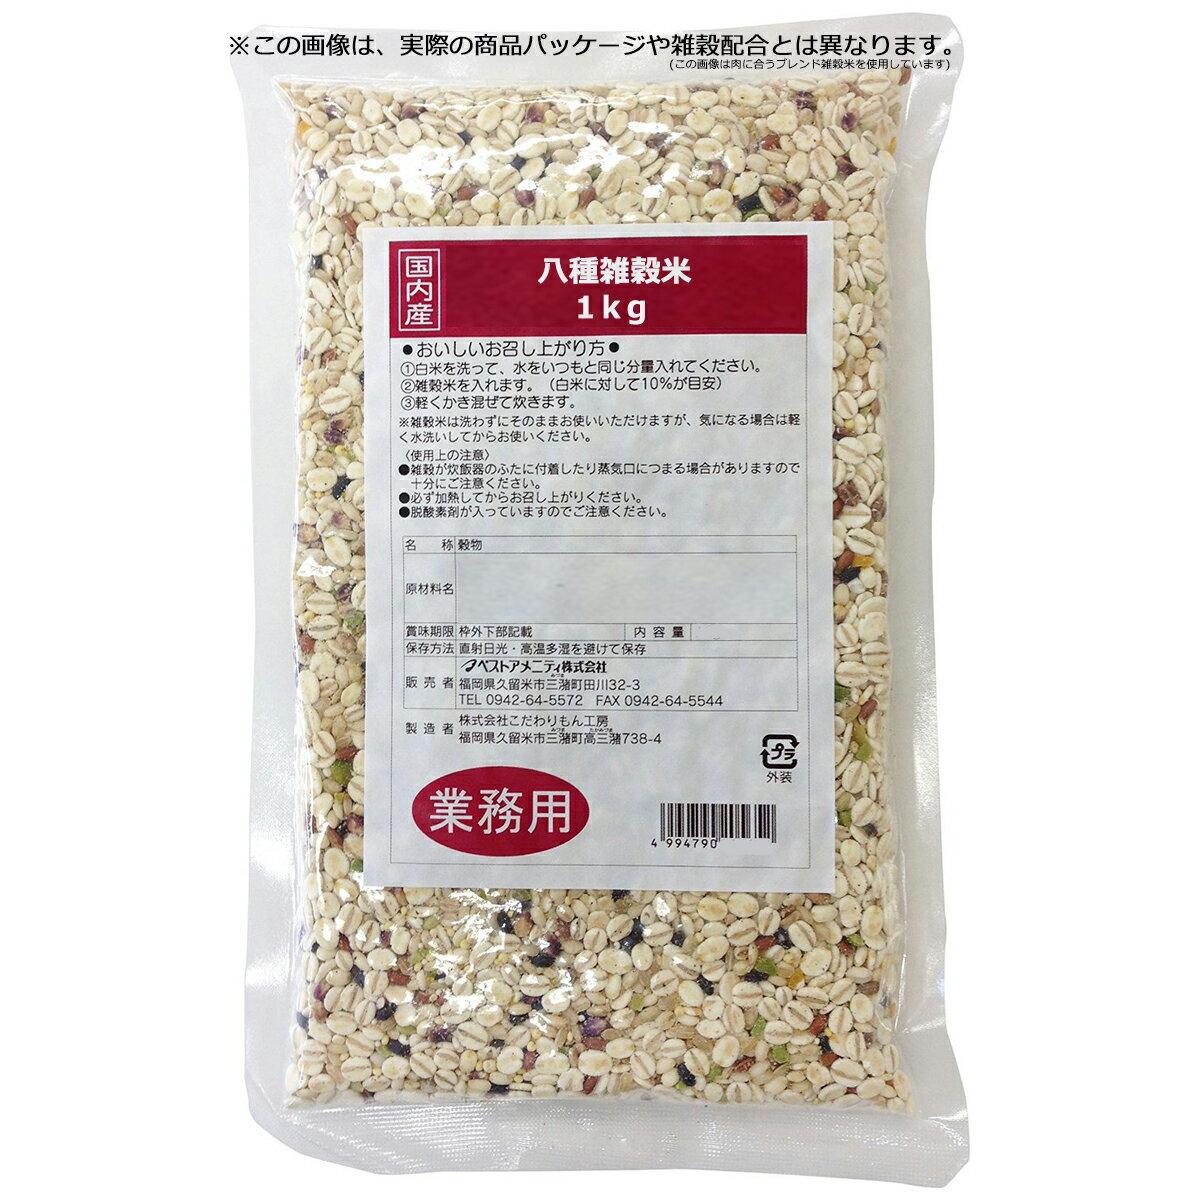 ベストアメニティ株式会社 国内産 八種雑穀米〈業務用〉1kg×20個セット(ご注文後のキャンセルができません)【ドラッグピュア楽天市場店】